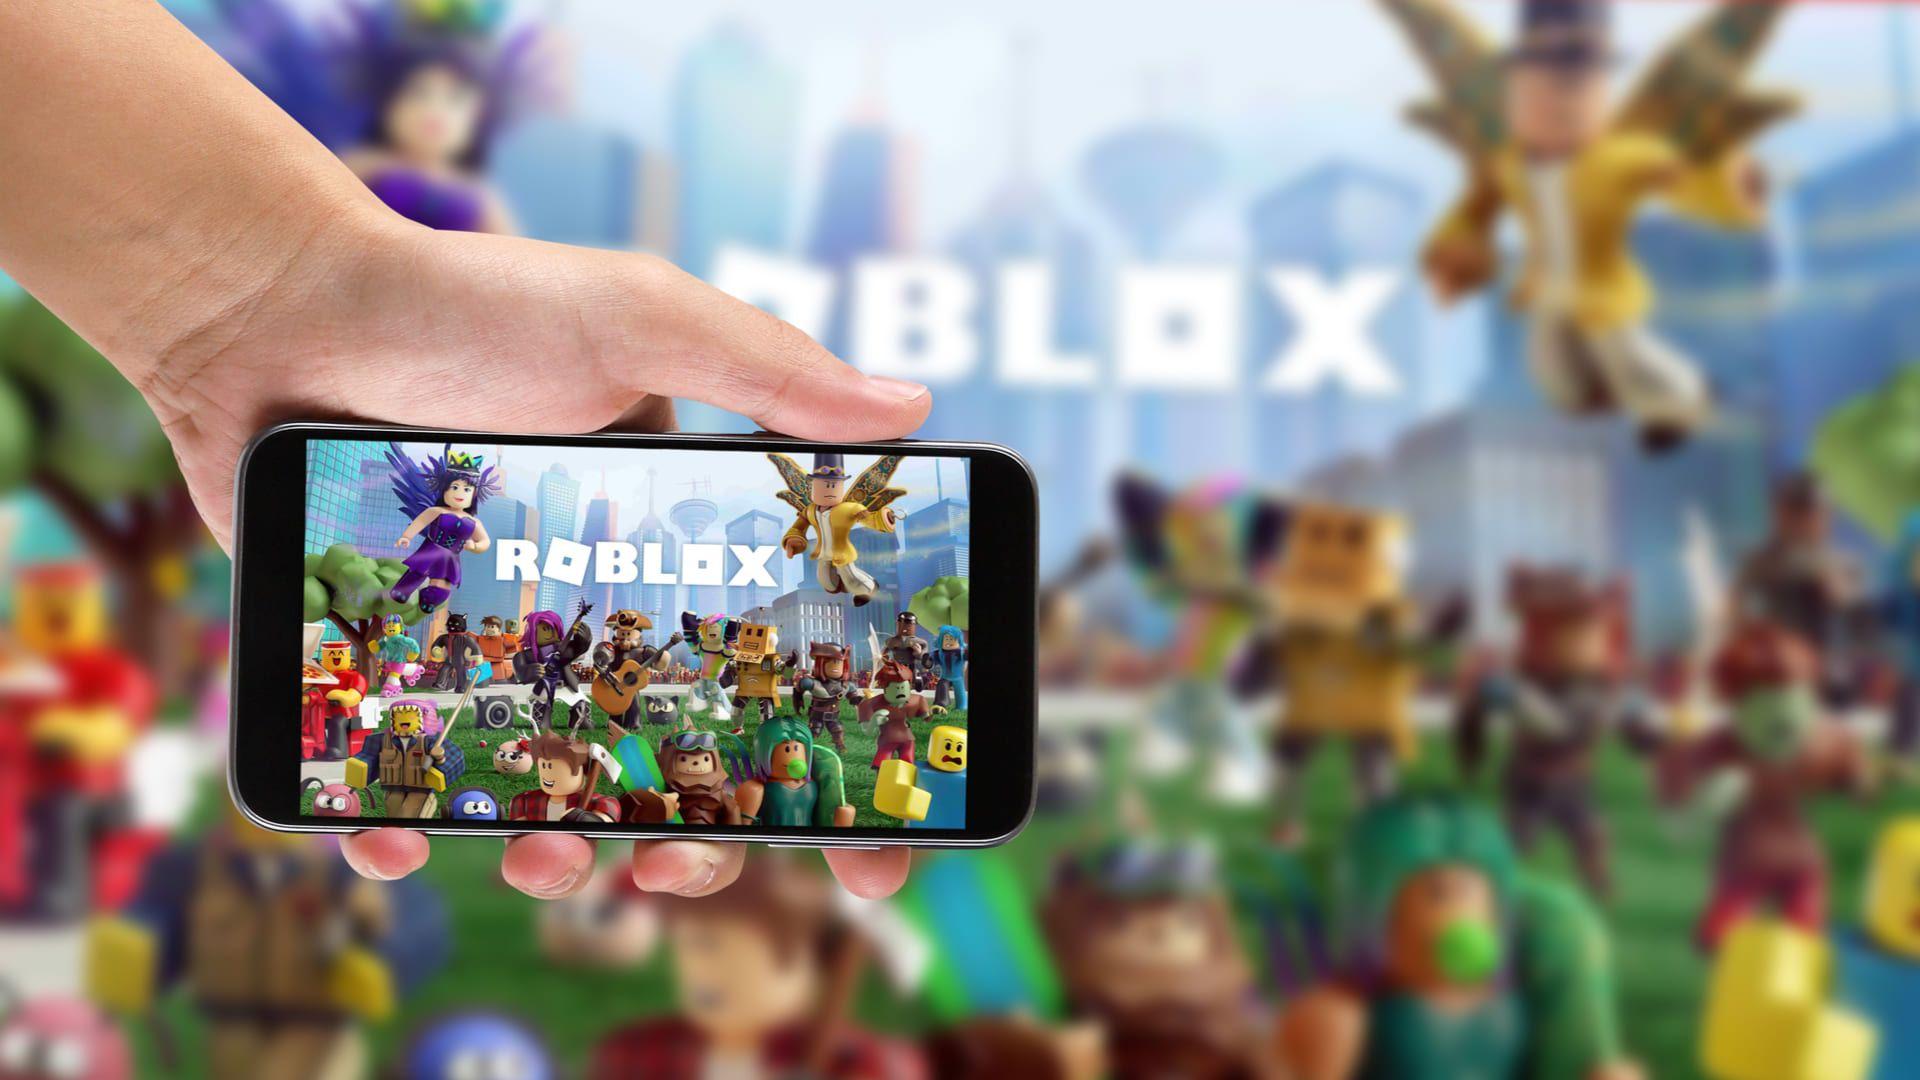 Veja mais curiosidades sobre o Roblox (Foto: Reprodução/Shutterstock)